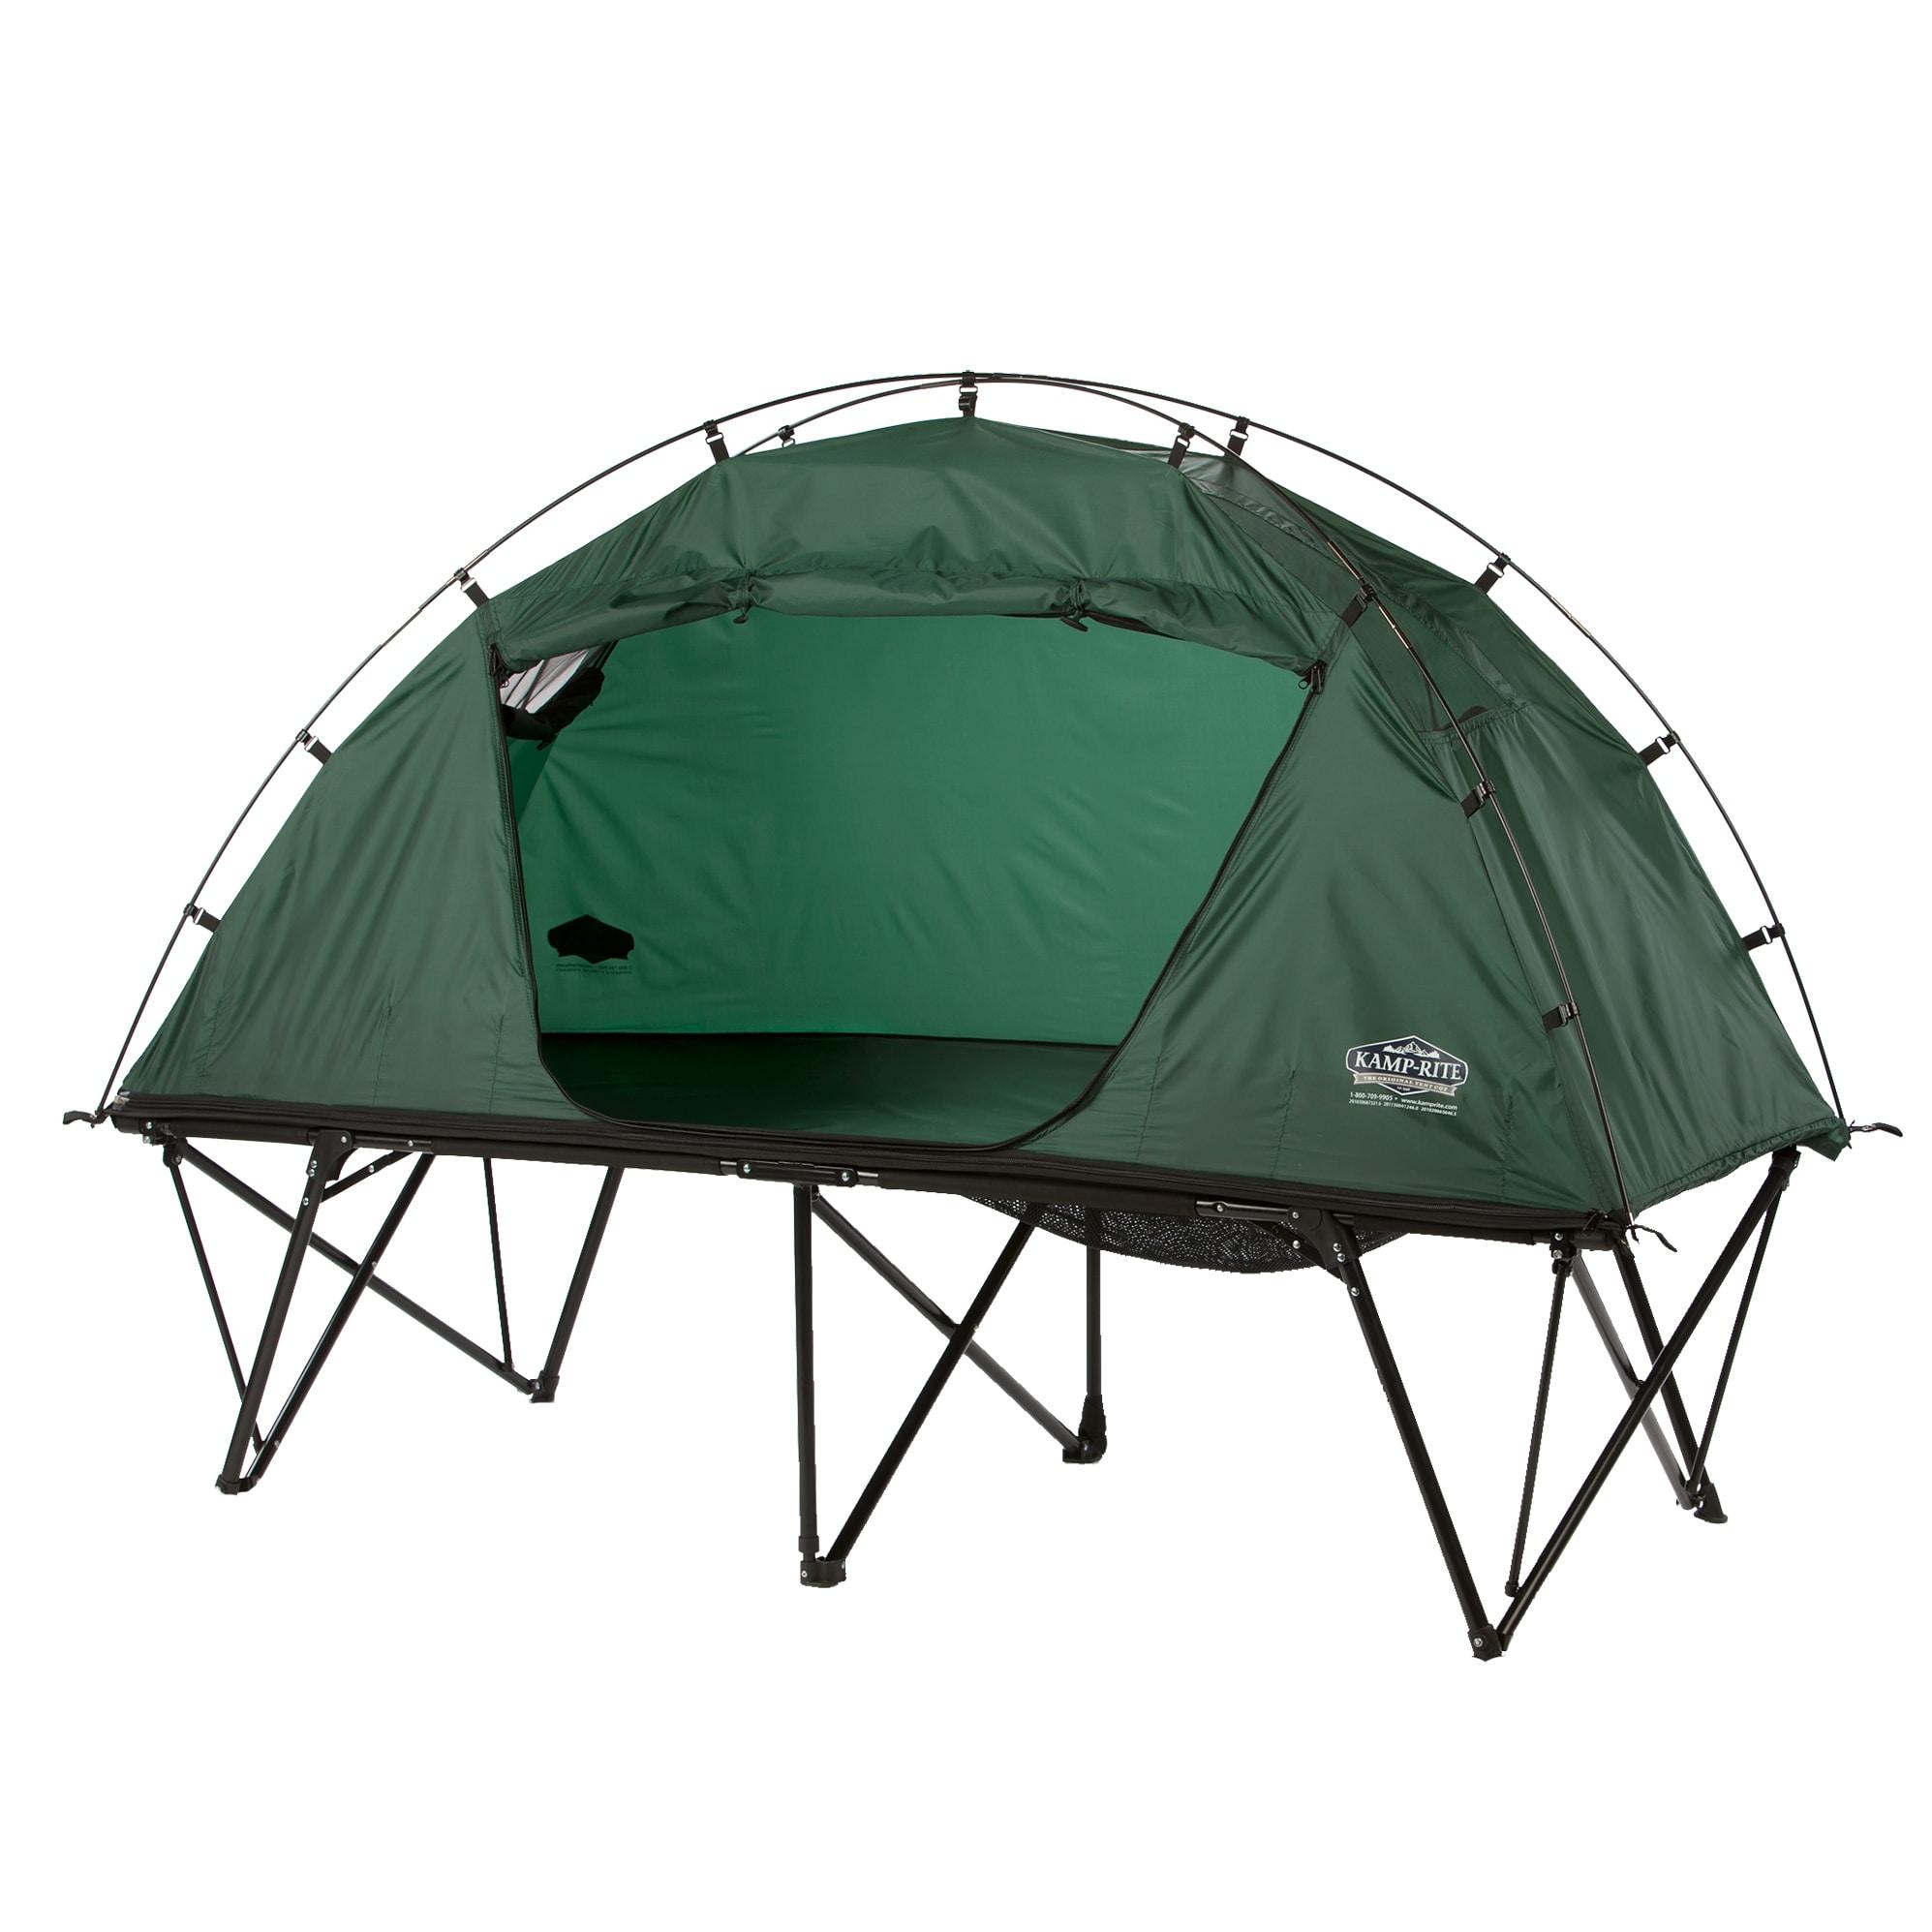 Kamp Rite Kamprite Standard Compact Tent Cot at Sears.com